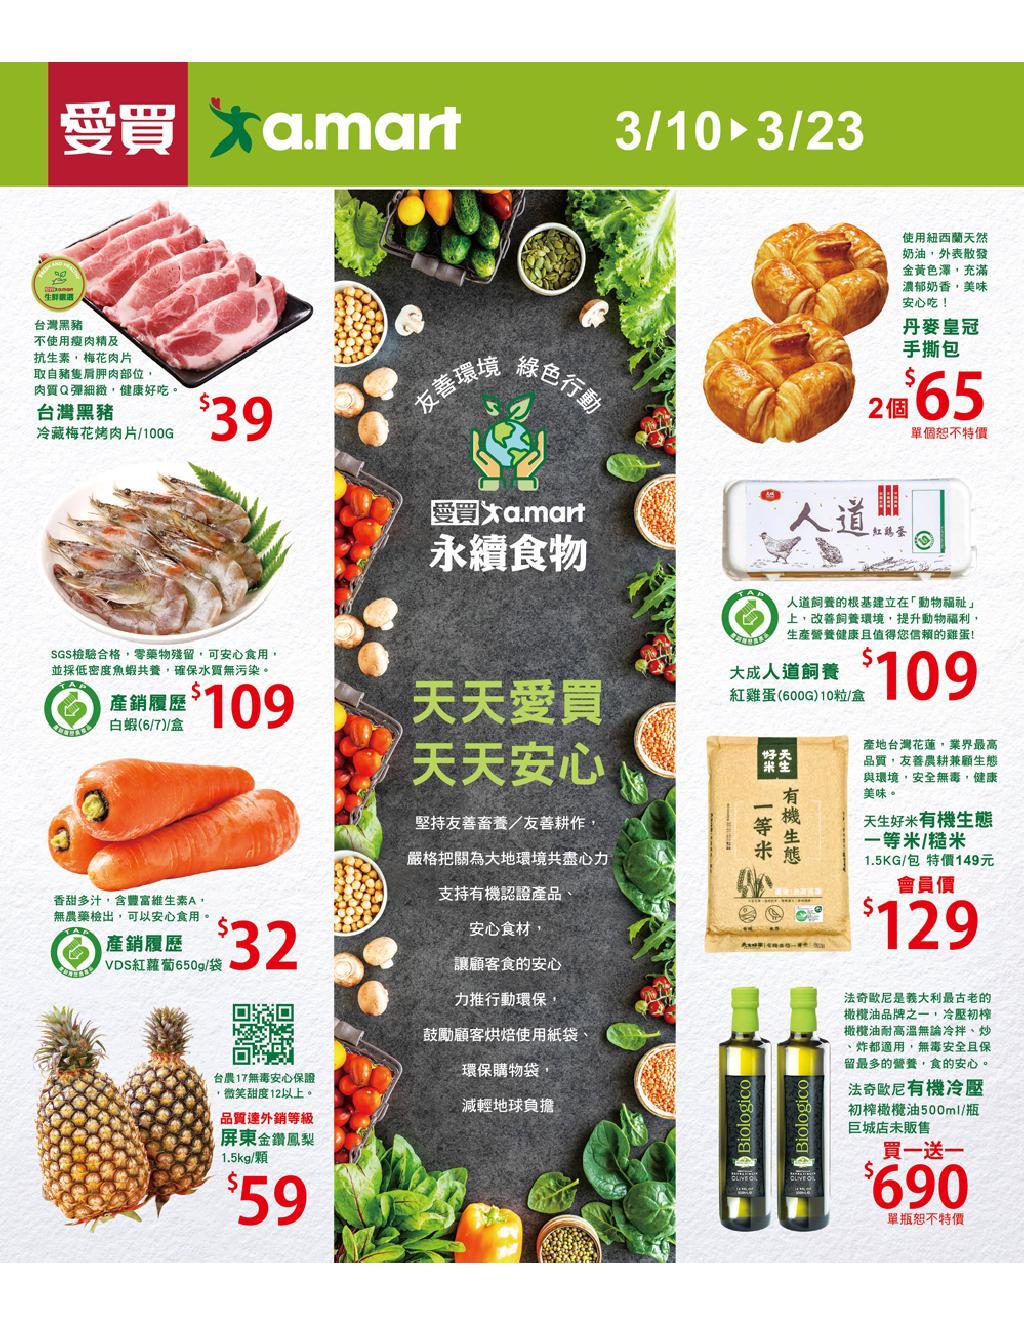 愛買 DM 》永續食物 》促銷目錄、優惠內容》【2021/3/23 止】